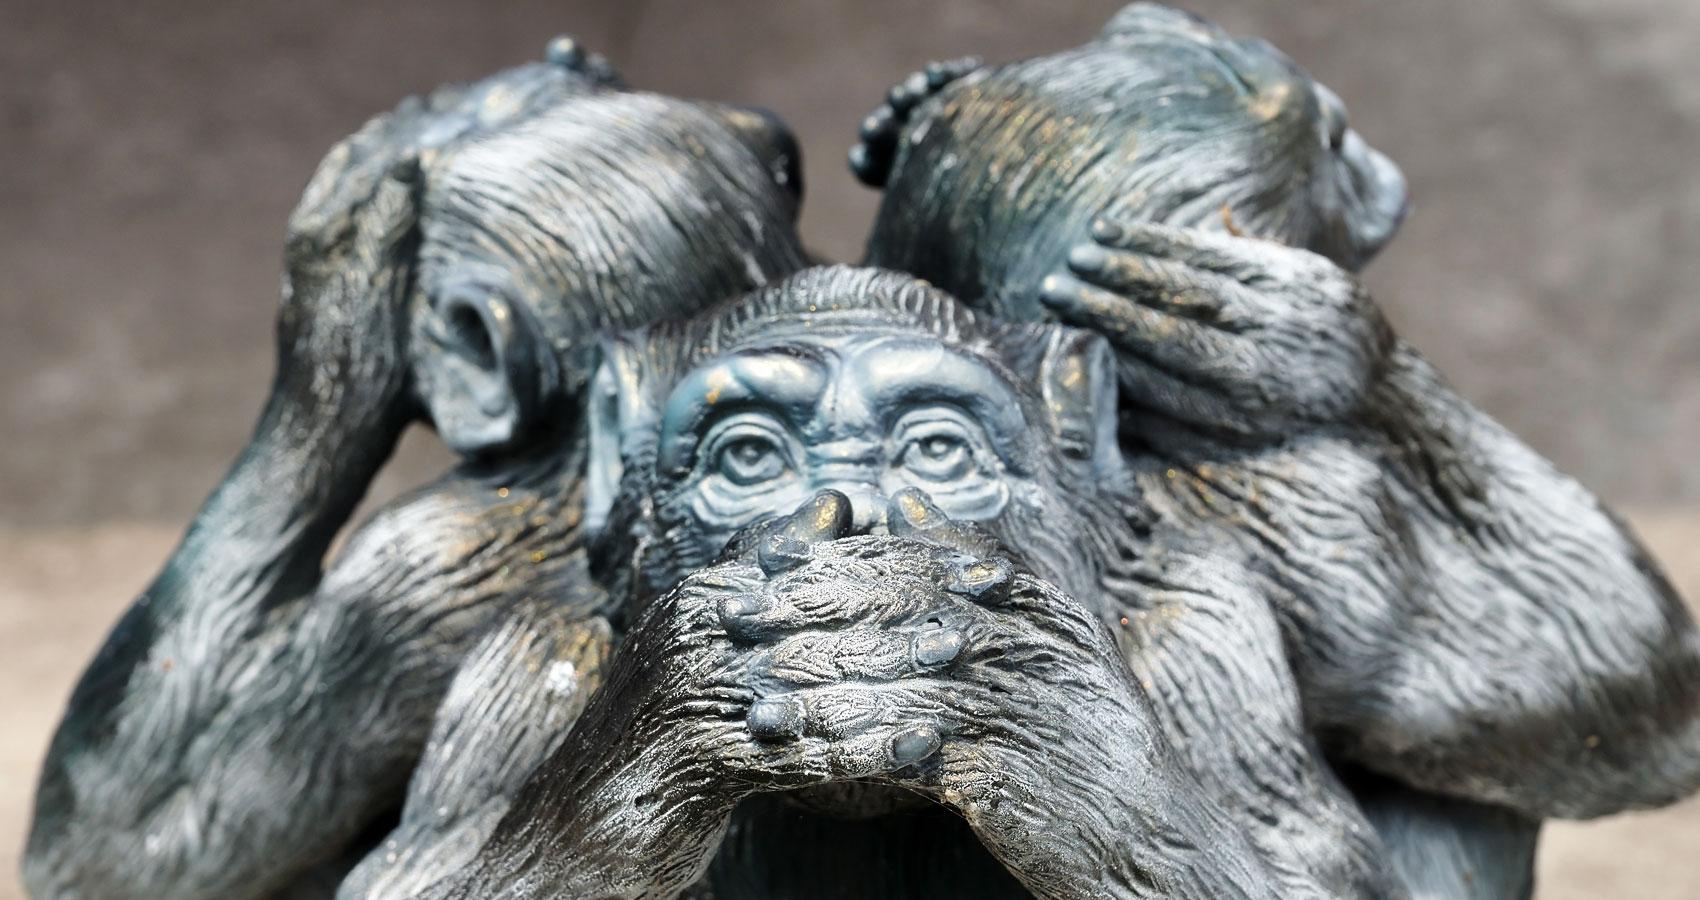 The Speak No Evil Monkey a poem at Spillwords.com